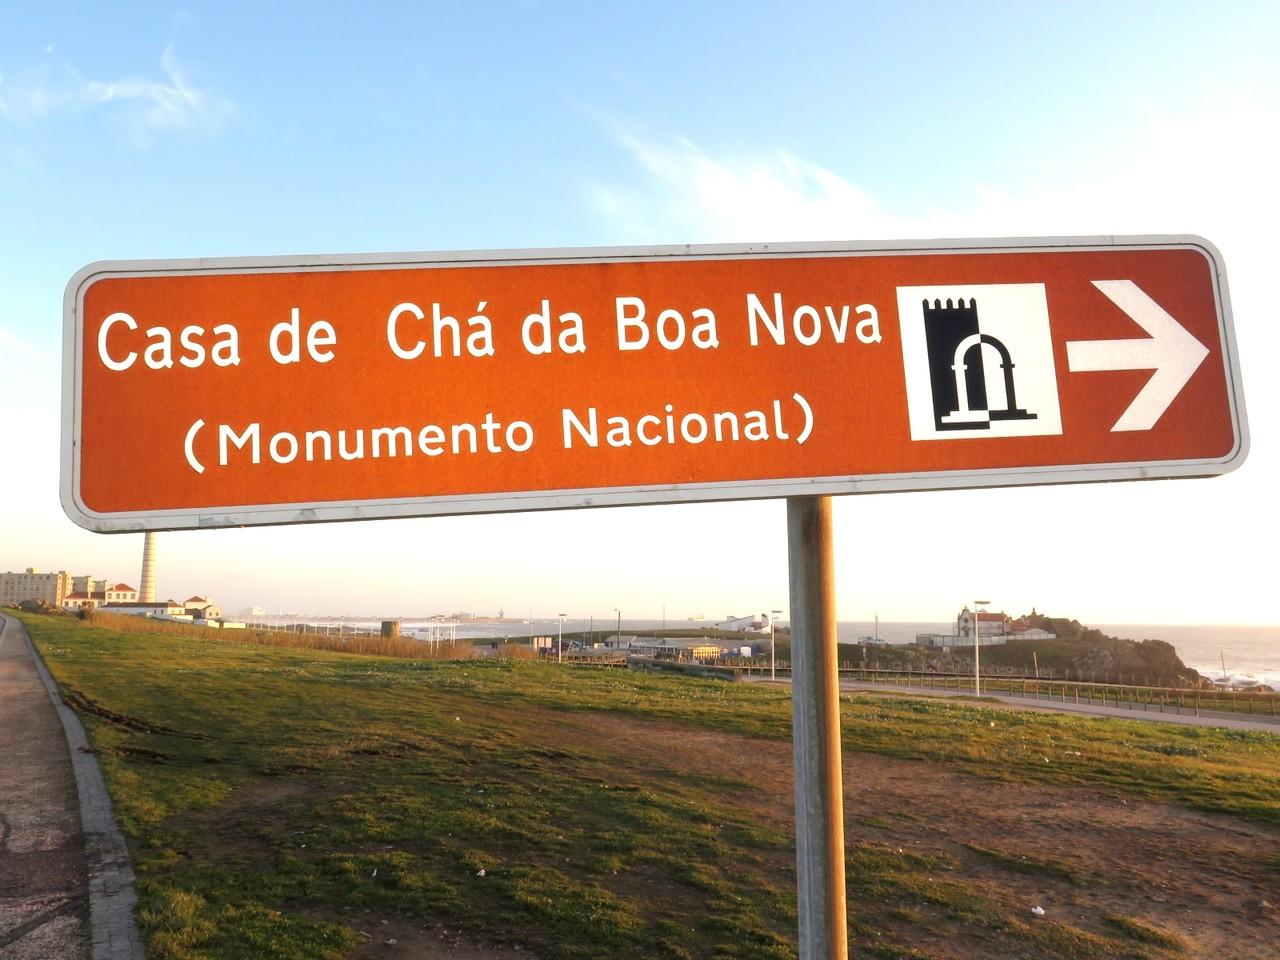 CASA DE CHÁ DA BOA NOVA